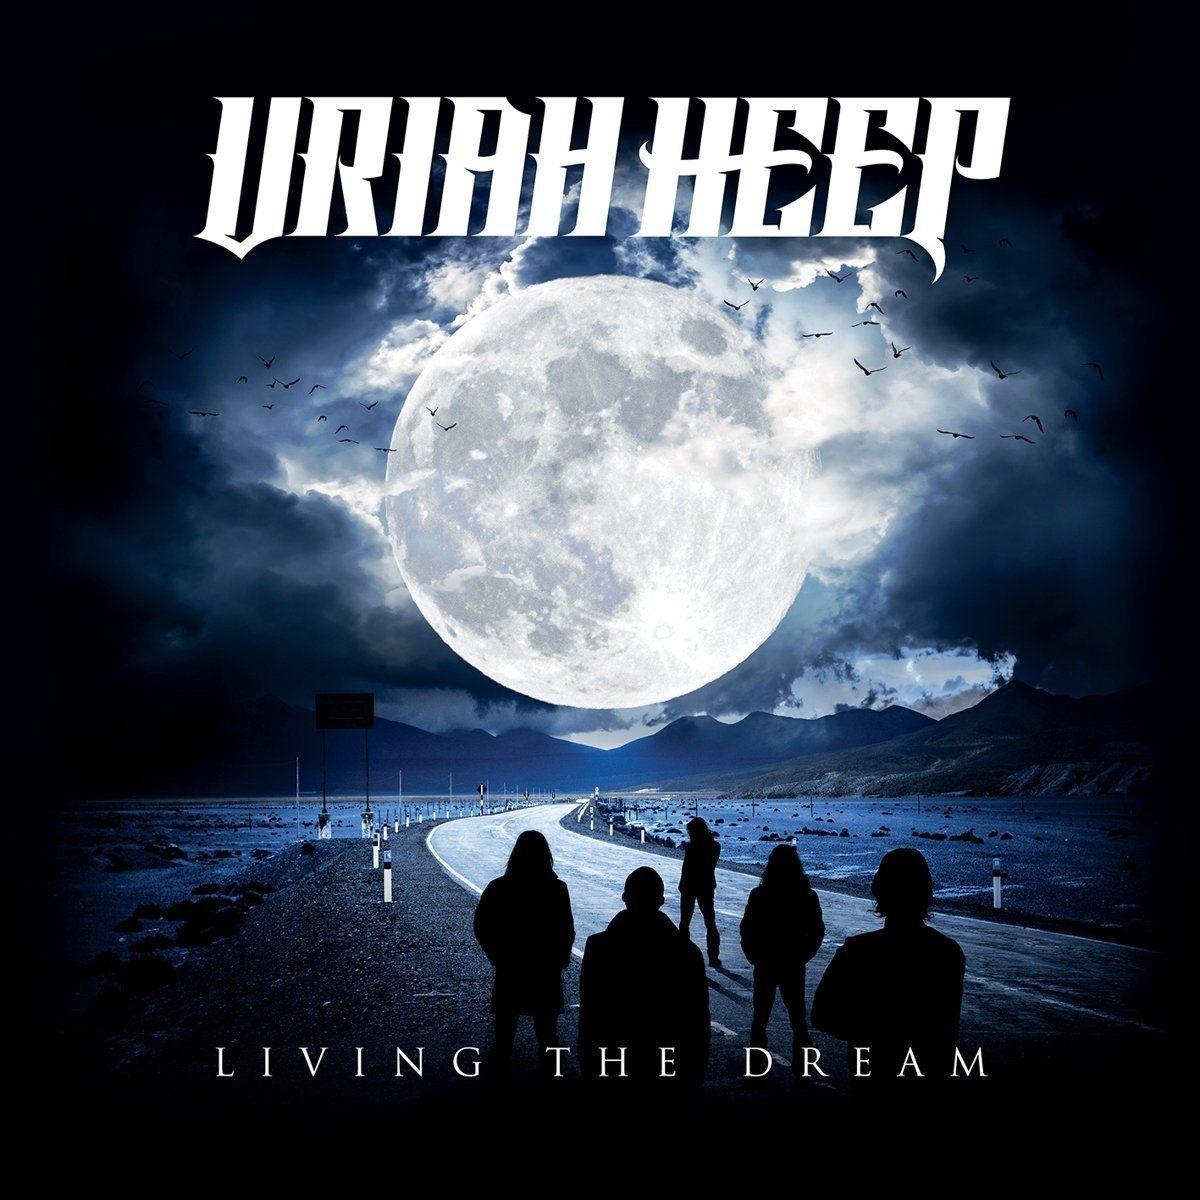 Uriah Heep - Living The Dream album cover